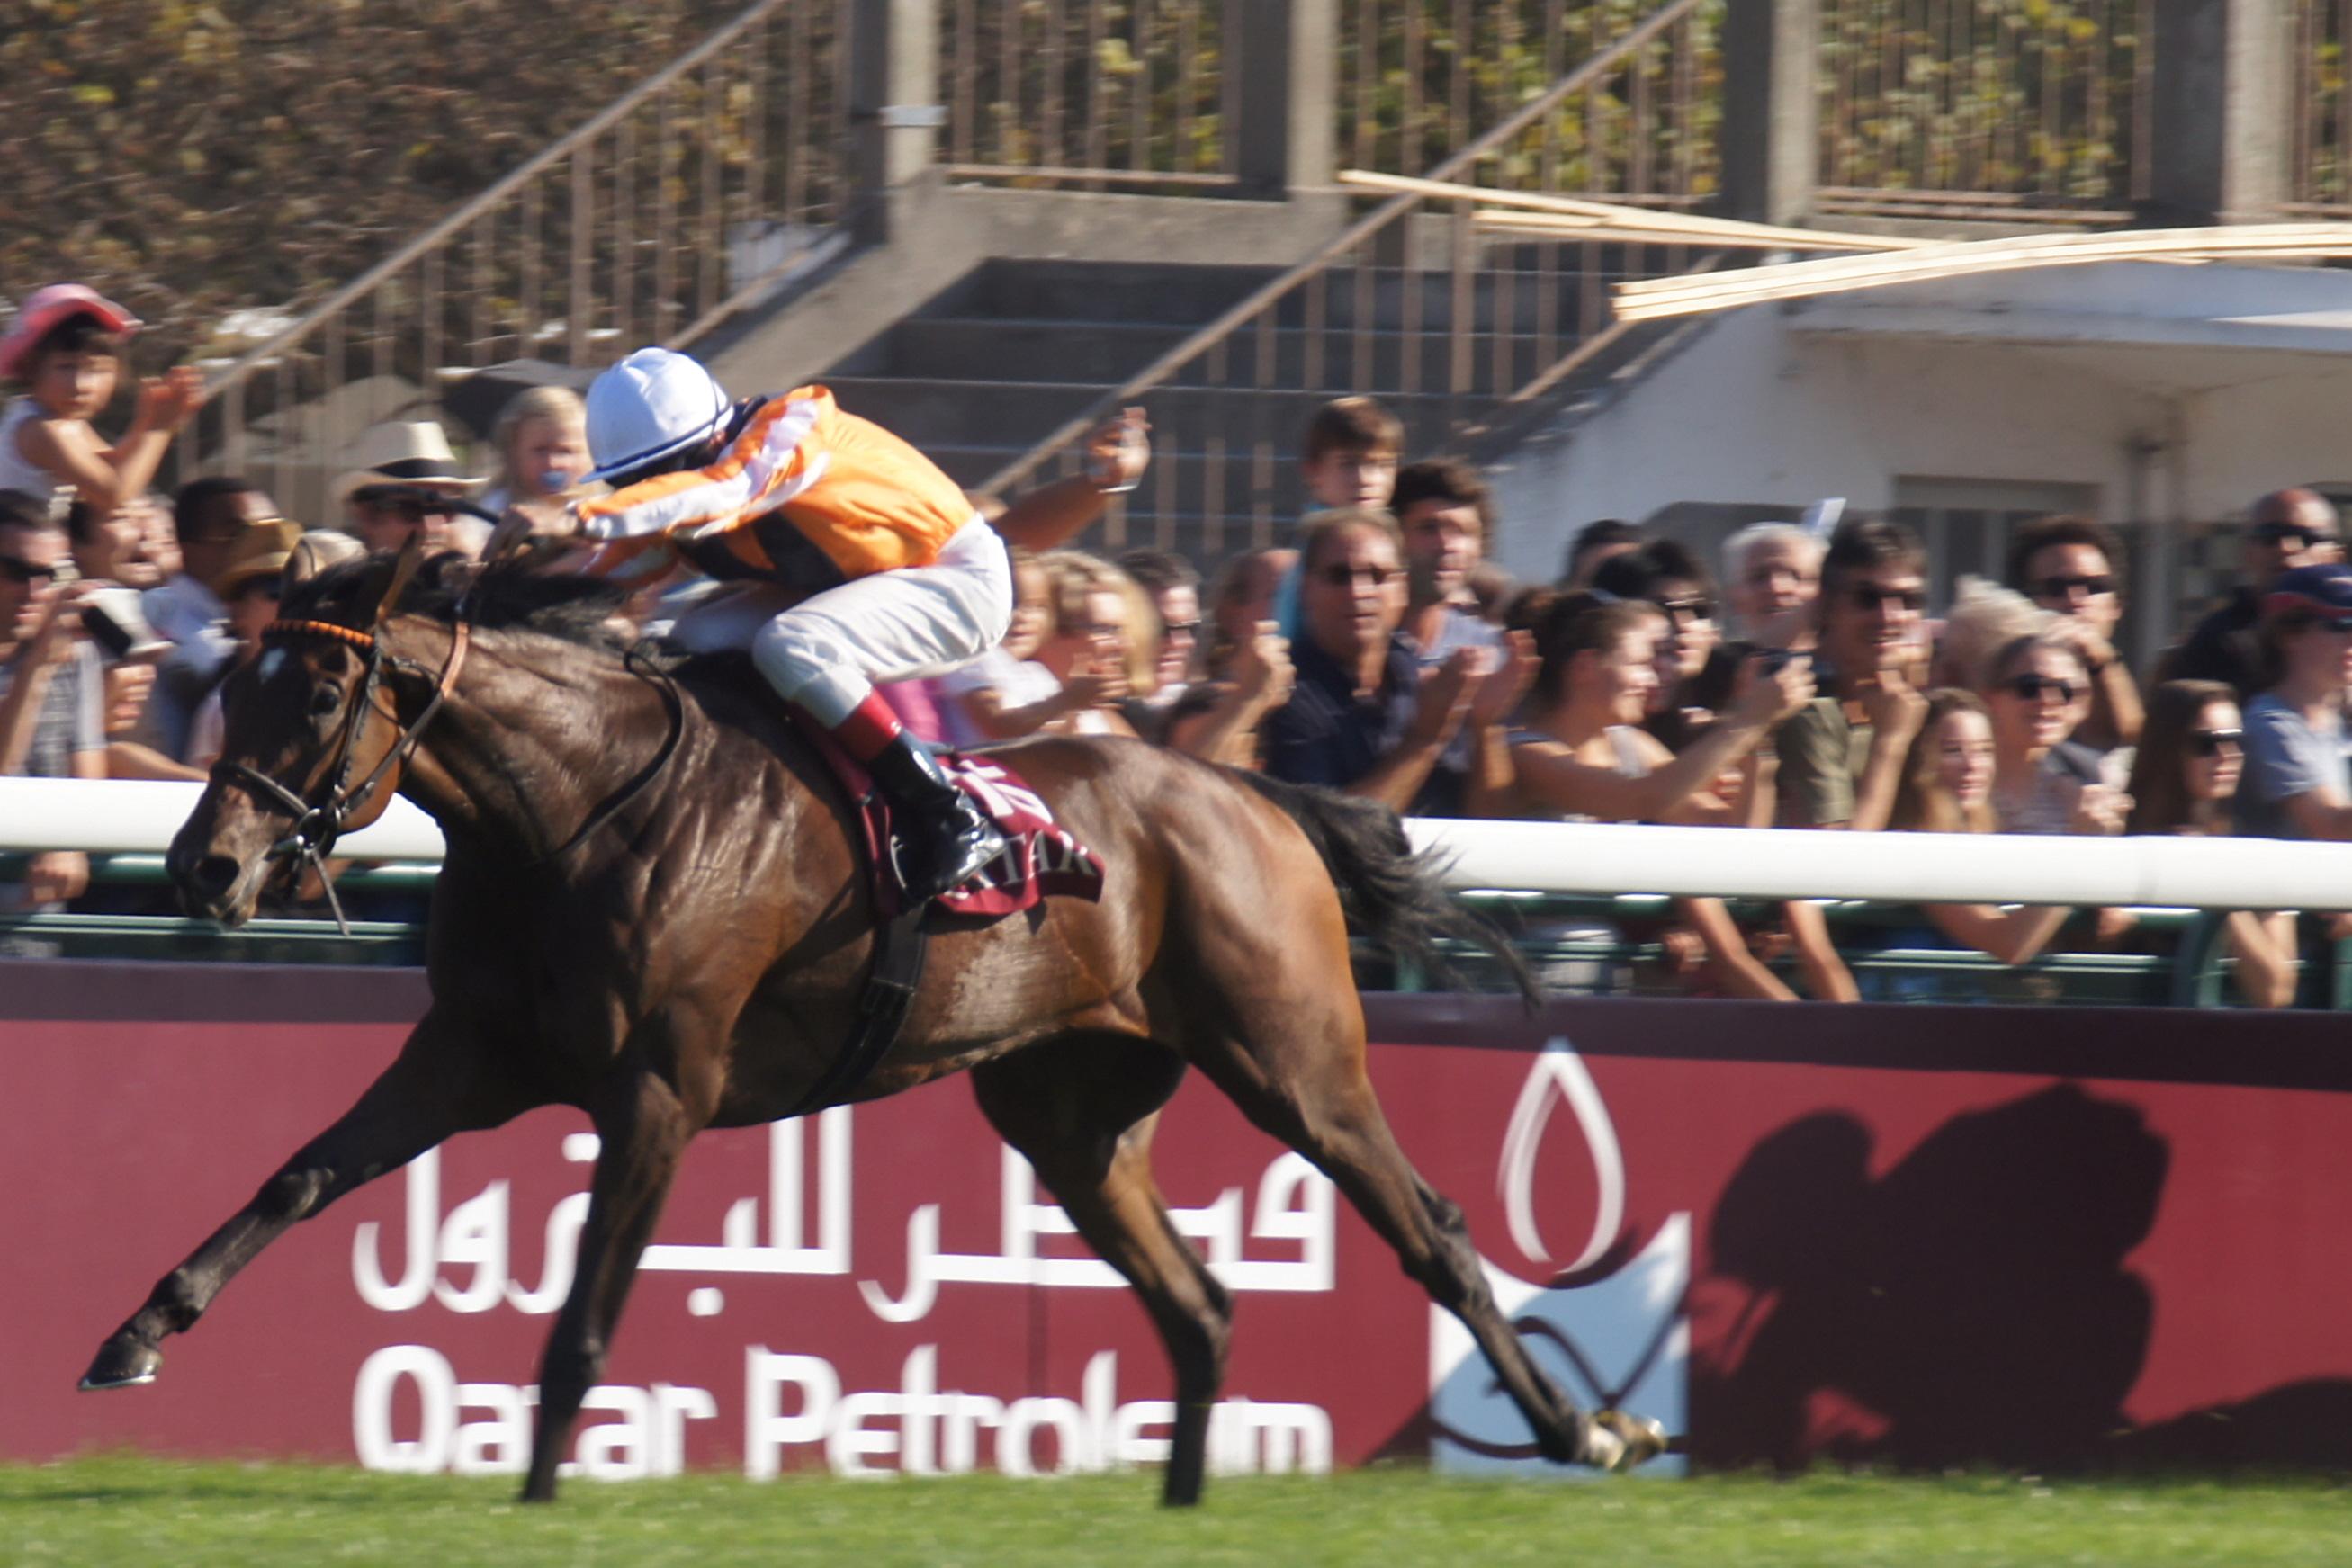 Danedream qui remporte le pronostic PMU pour le Prix de l'Arc de Tromphe 2011